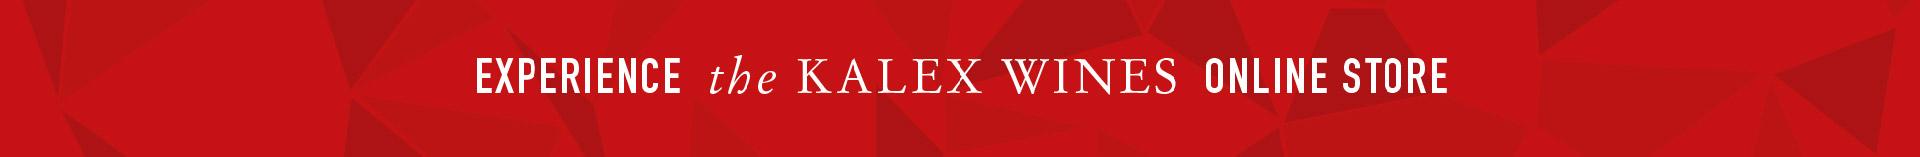 kalex-wine-store-banner